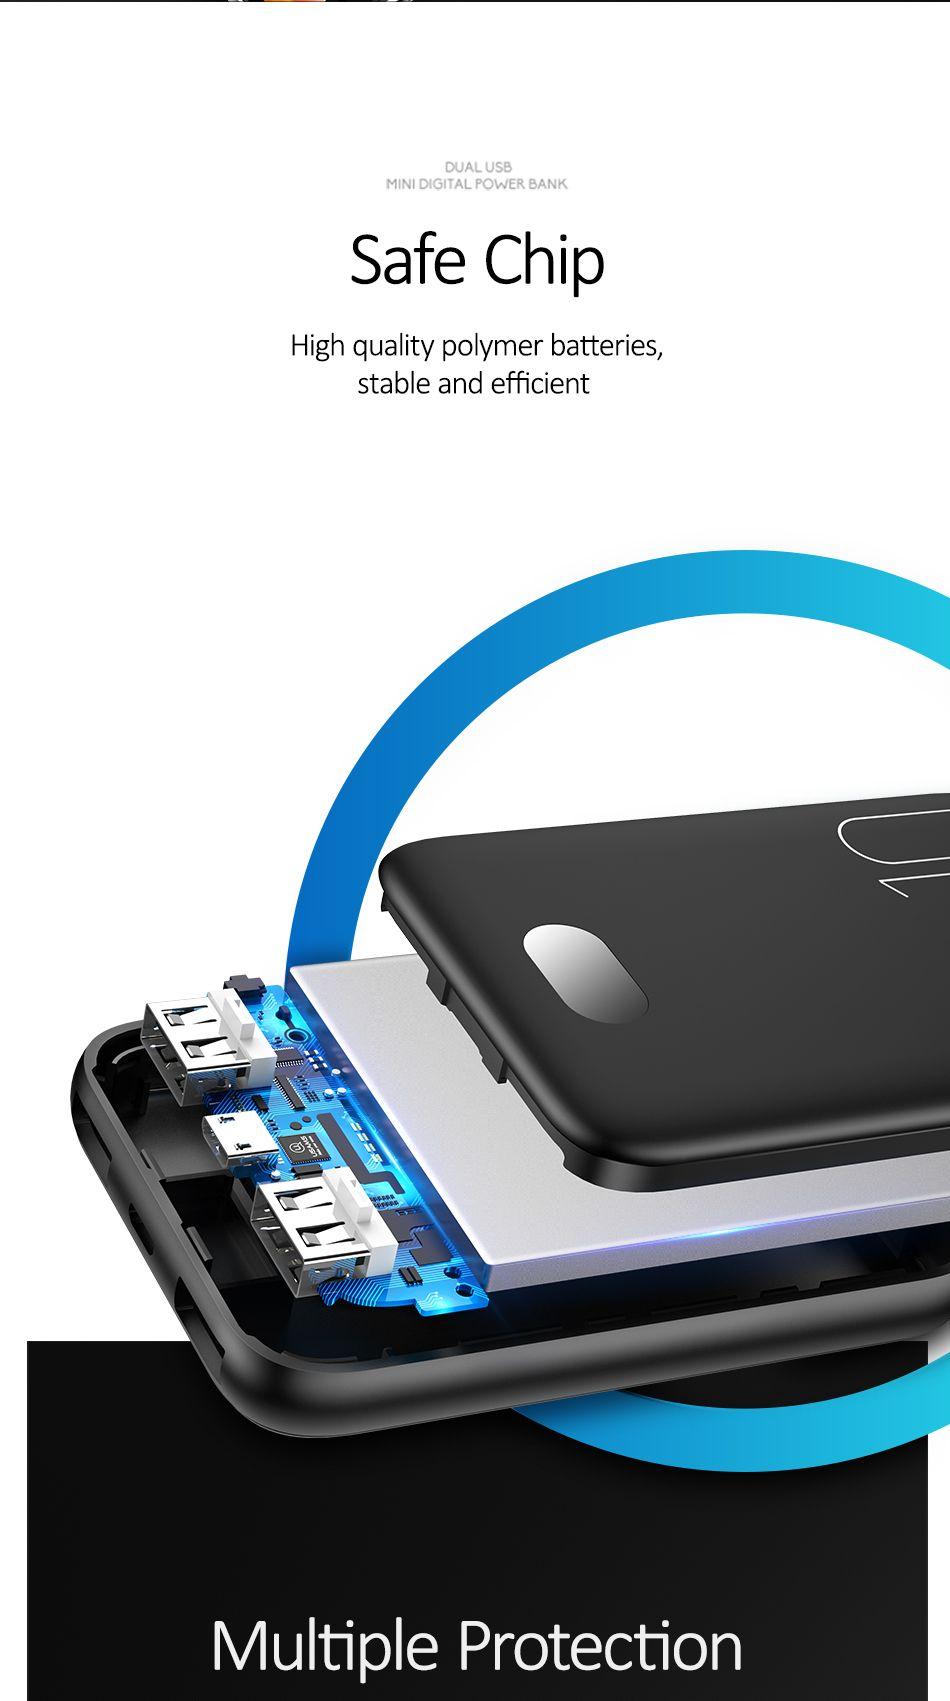 Usams Pb9 10000mah Dual Usb Mini Digital Power Bank (12)